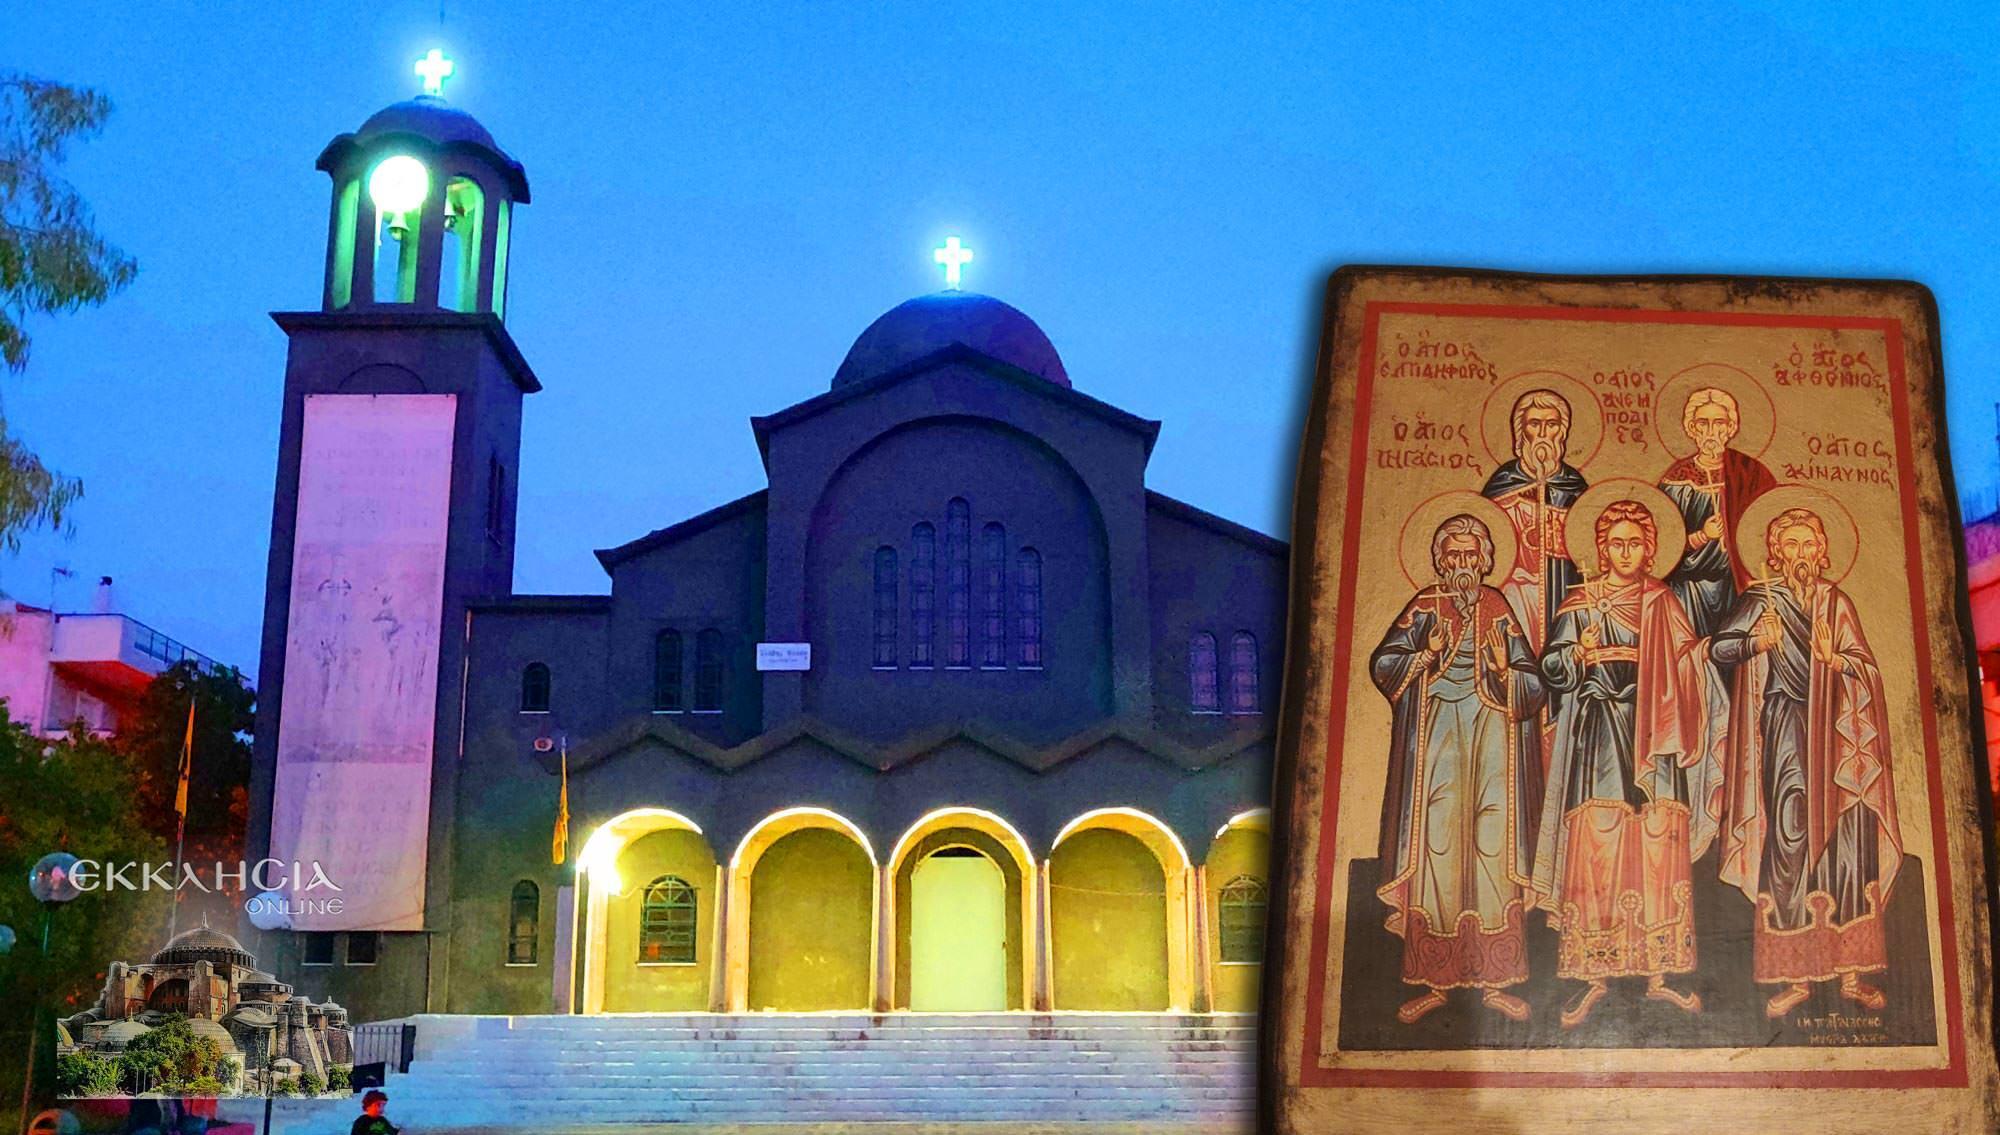 Ναός και εικόνα Αγίων Ακινδύνων